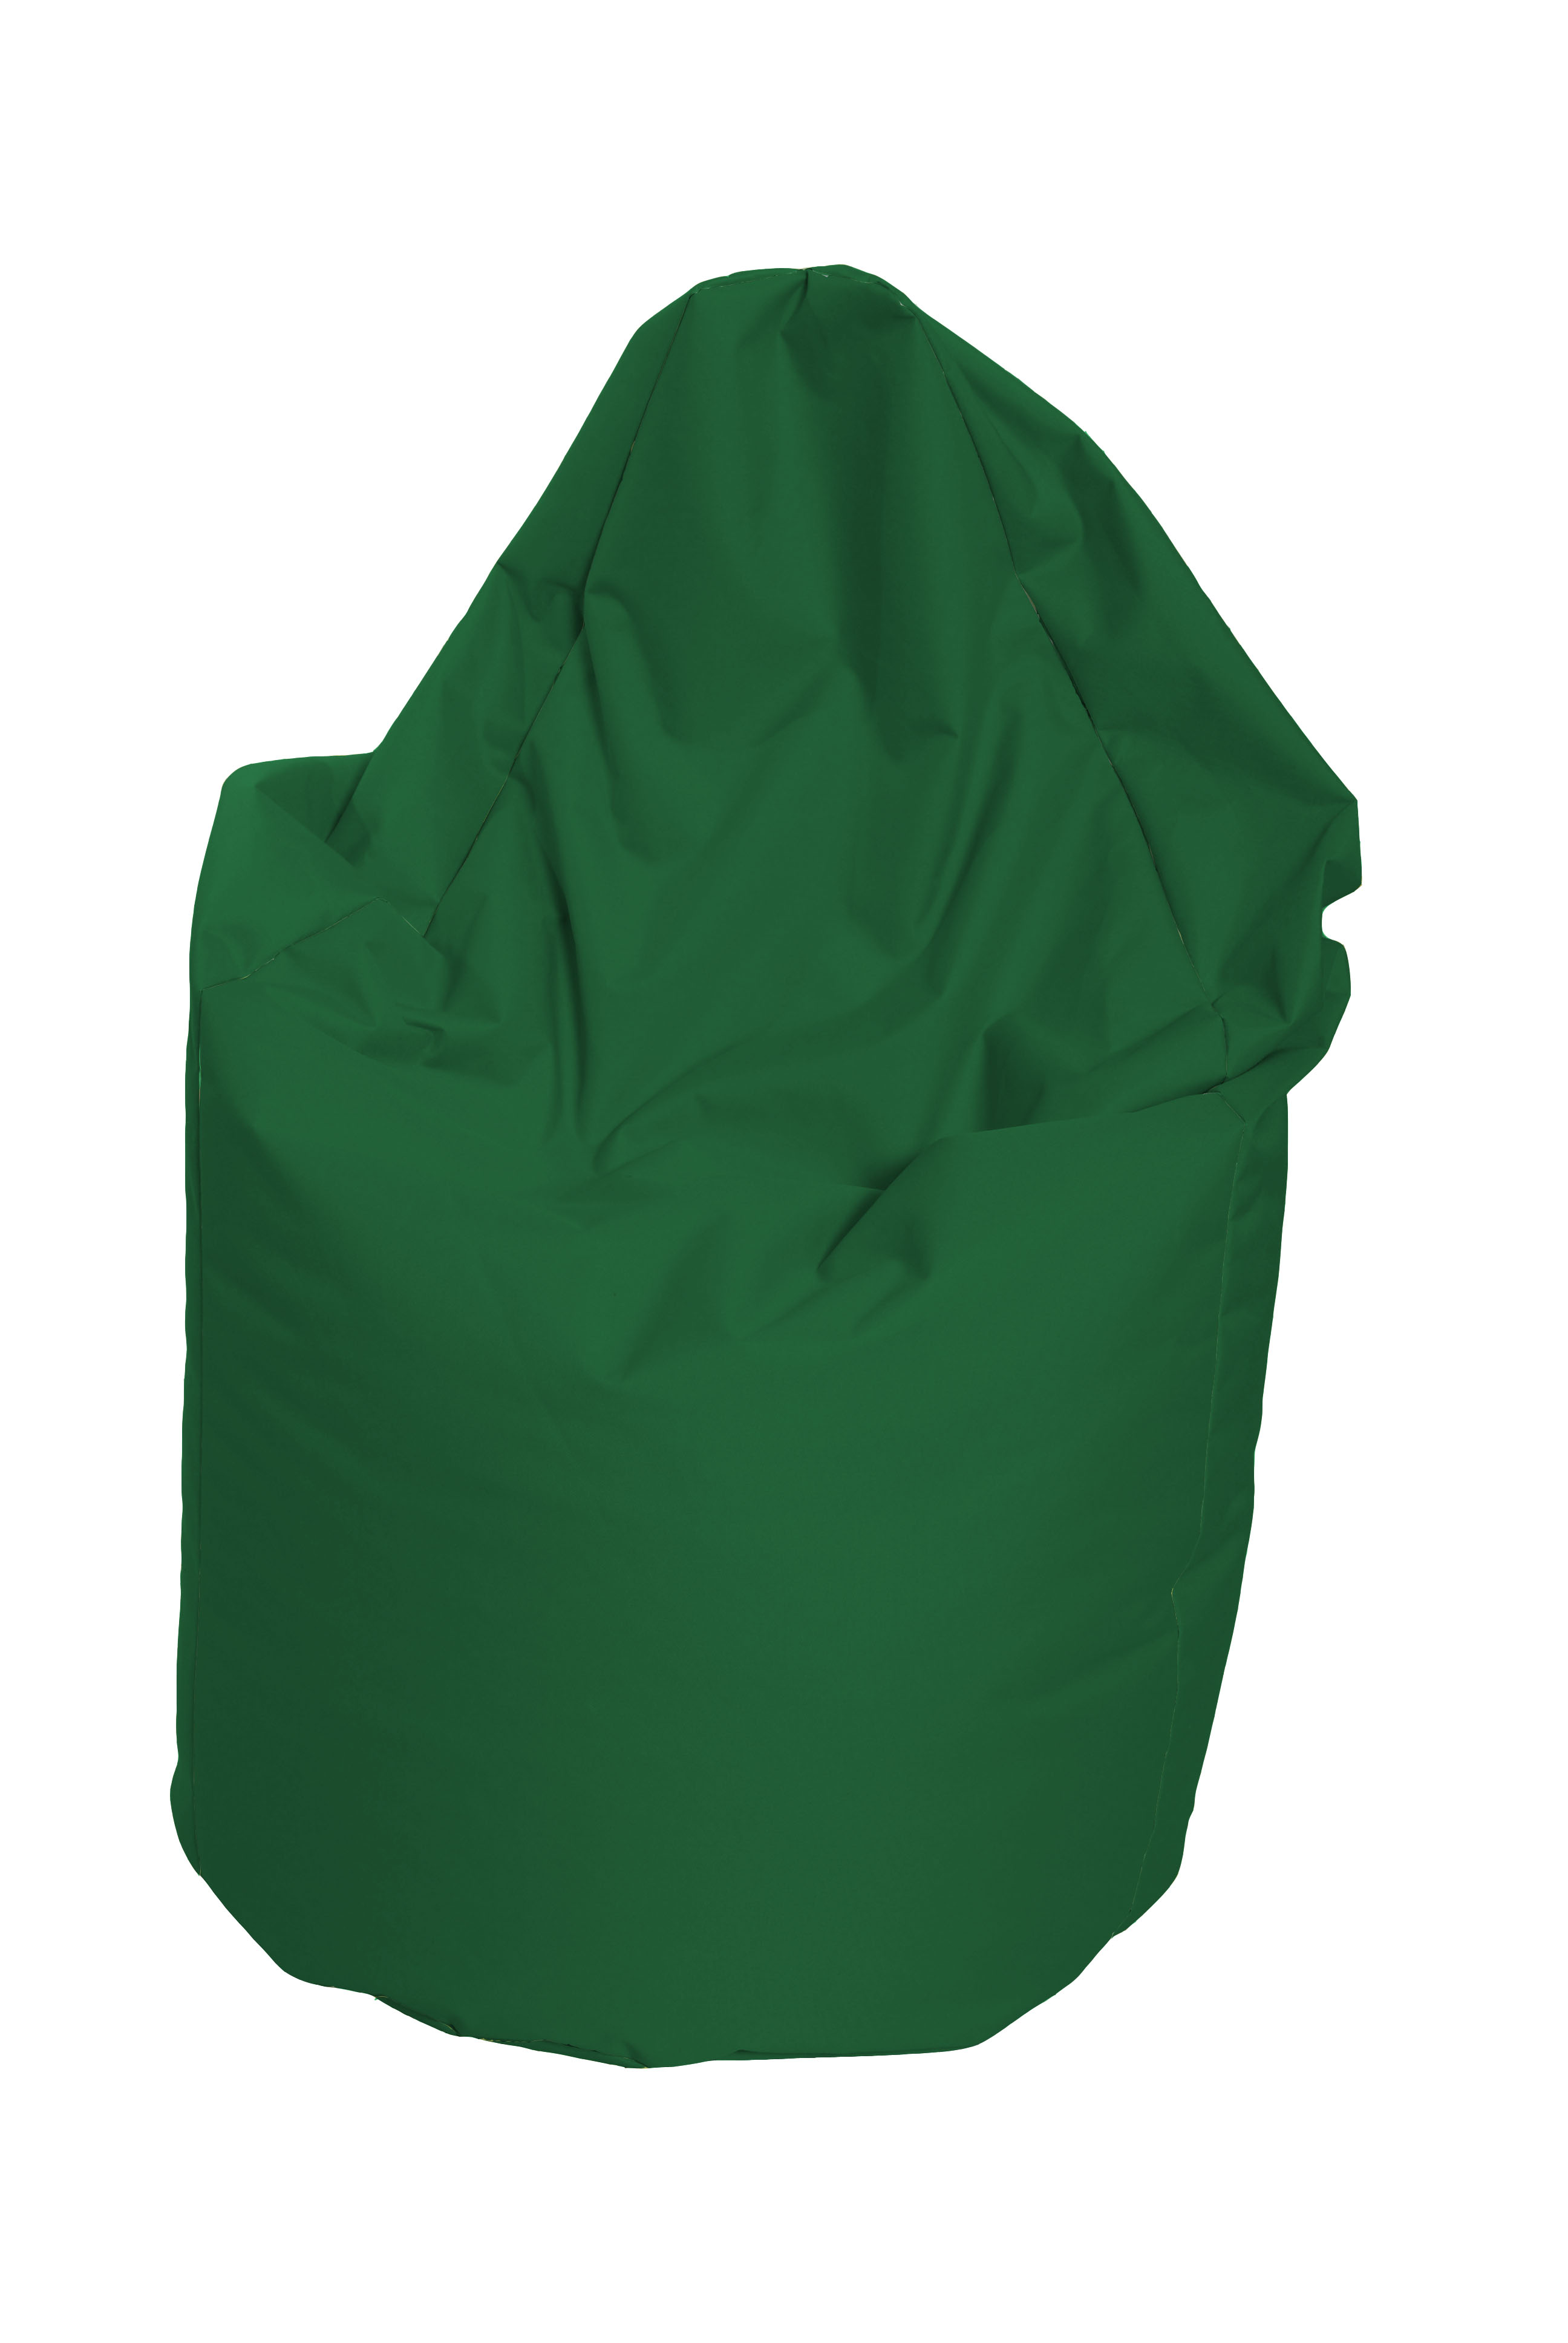 Sedací vak hruška Mega tmavě zelená (tmavě zelená 80026)